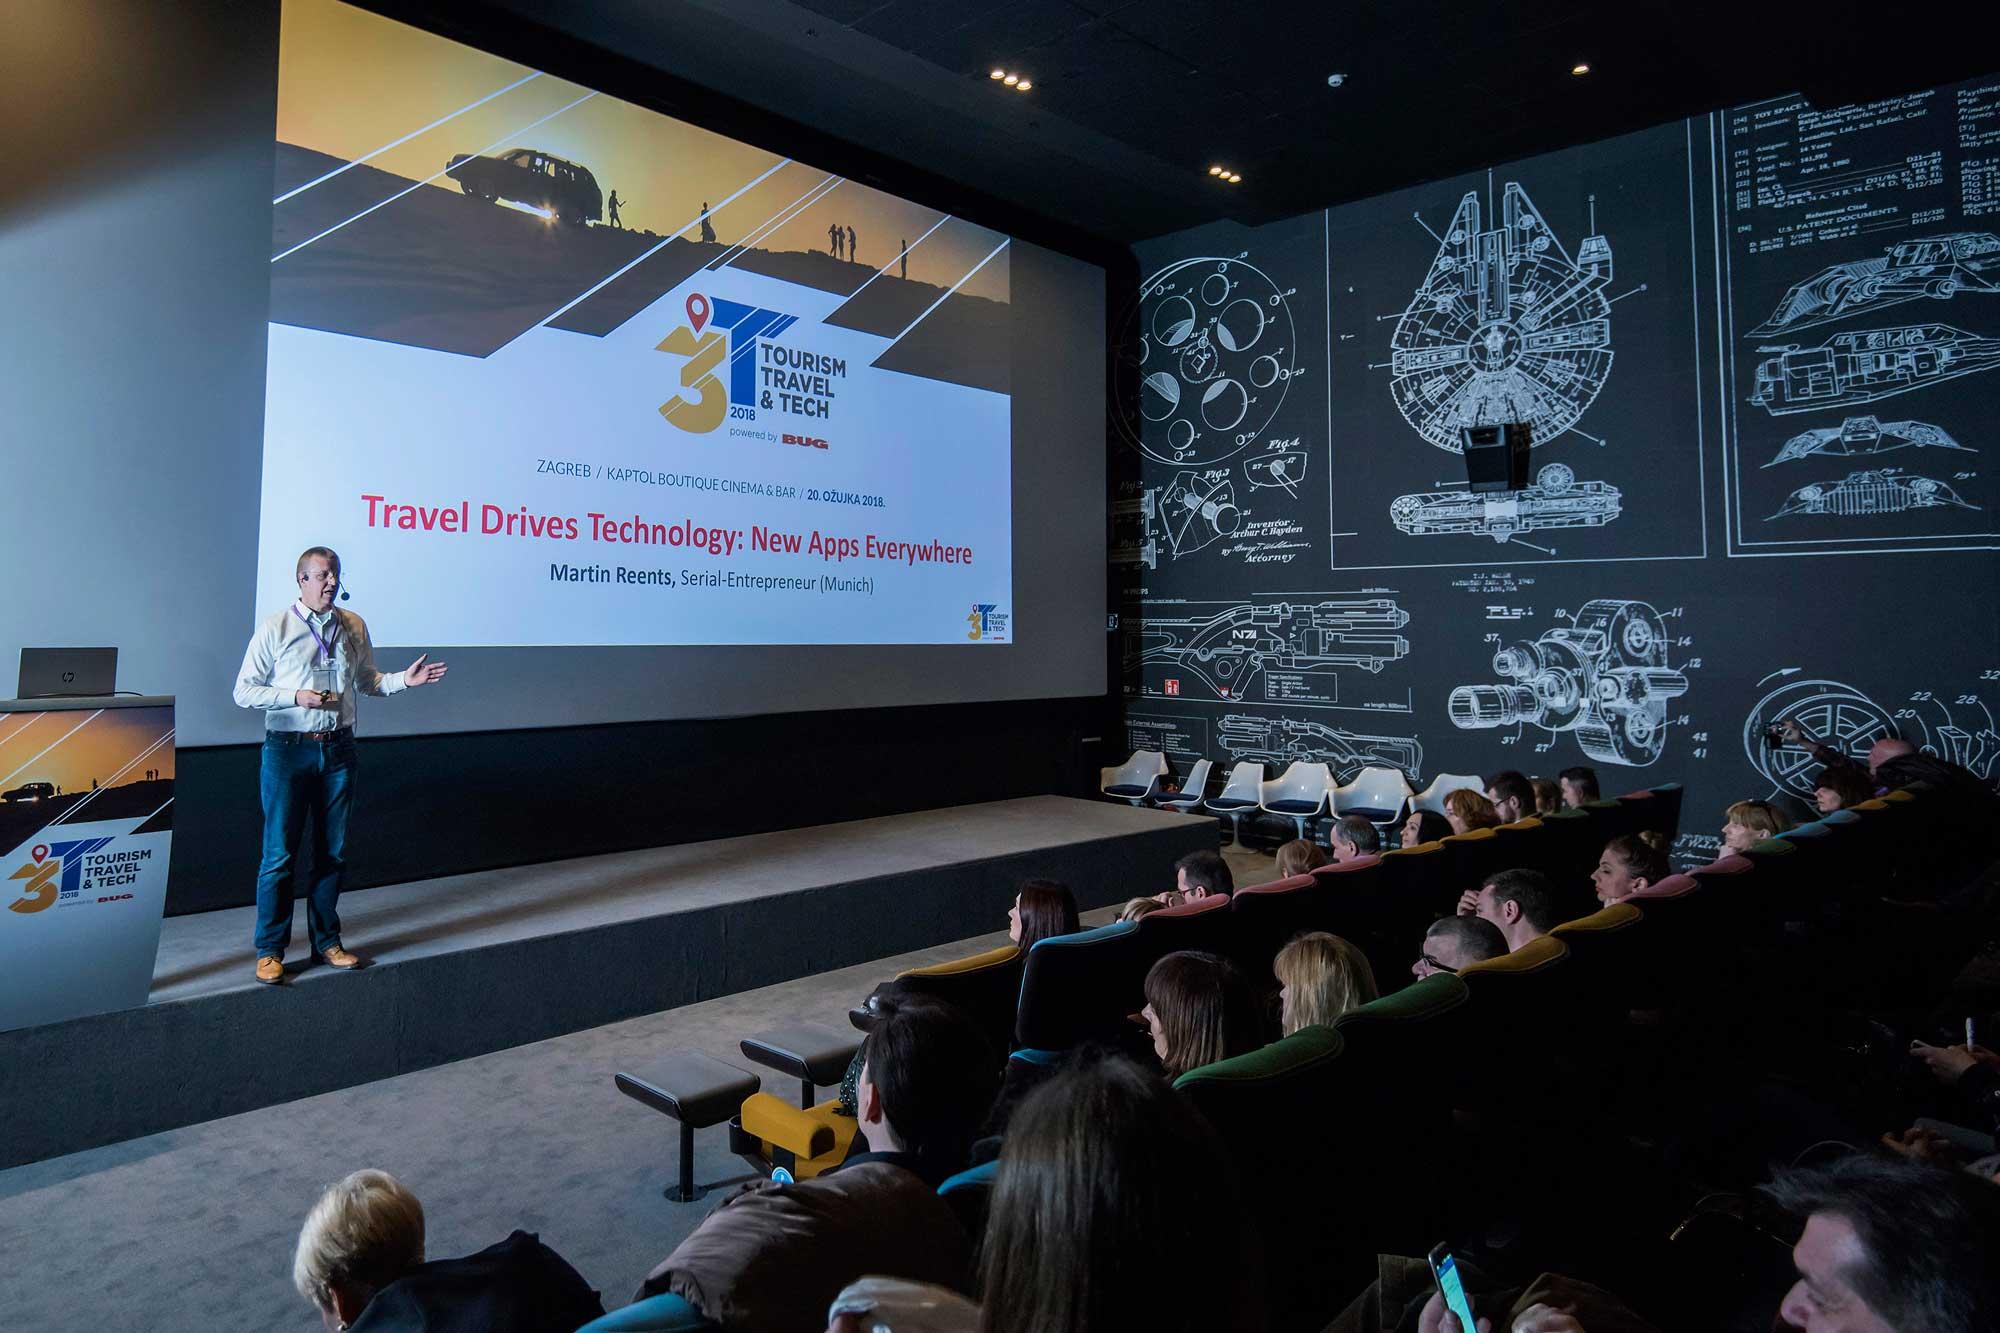 3T Tourism, Travel & Tech konferencija - Martin Reents